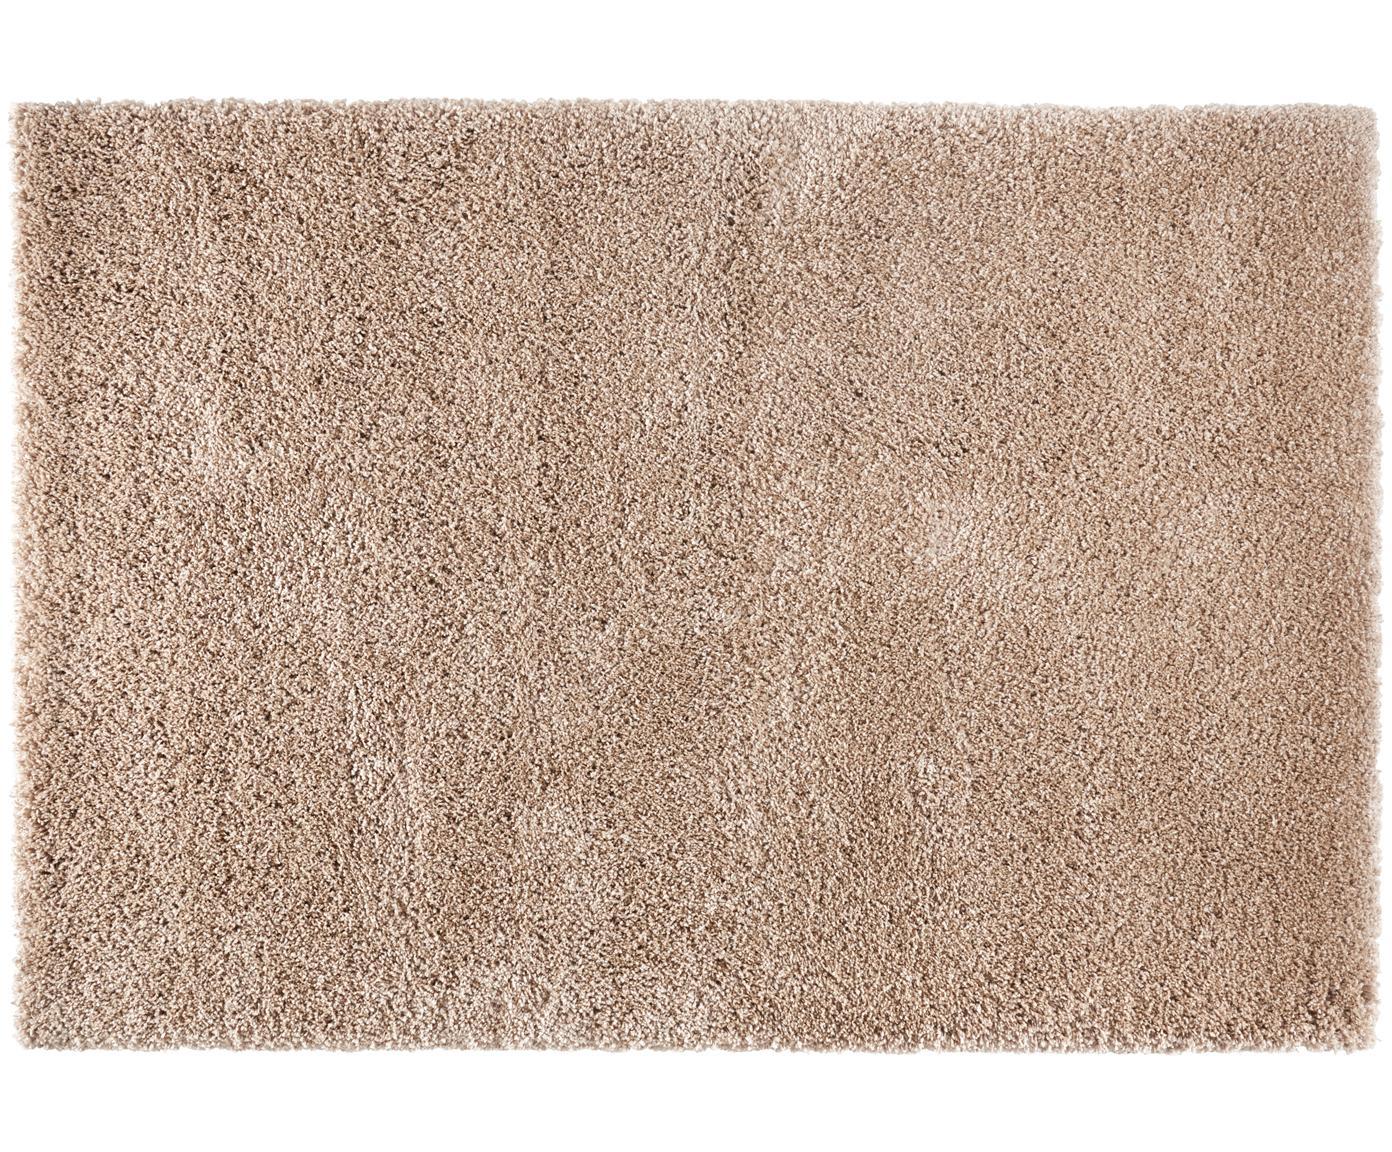 Pluizig hoogpolig vloerkleed Venice in bruin, Bovenzijde: 100% polypropyleen, Onderzijde: jute, Bruin, B 80 x L 150 cm (maat XS)